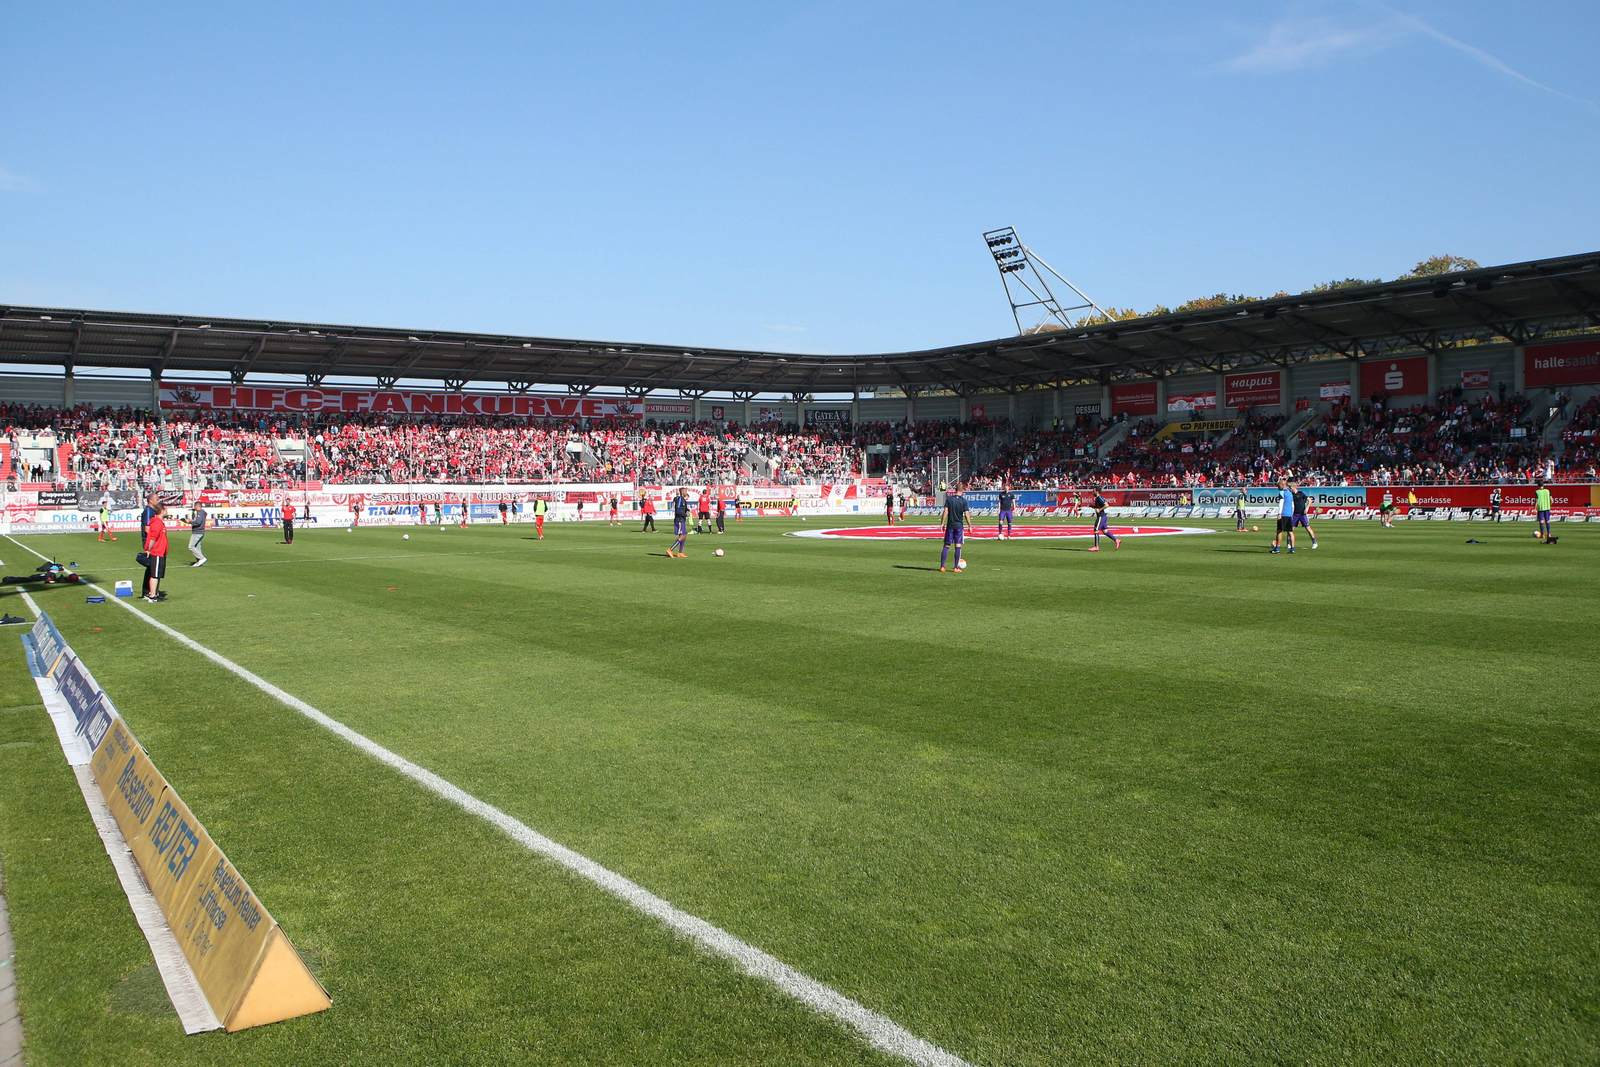 Erdgas Sportpark in Halle, Heimspielstätte des HFC